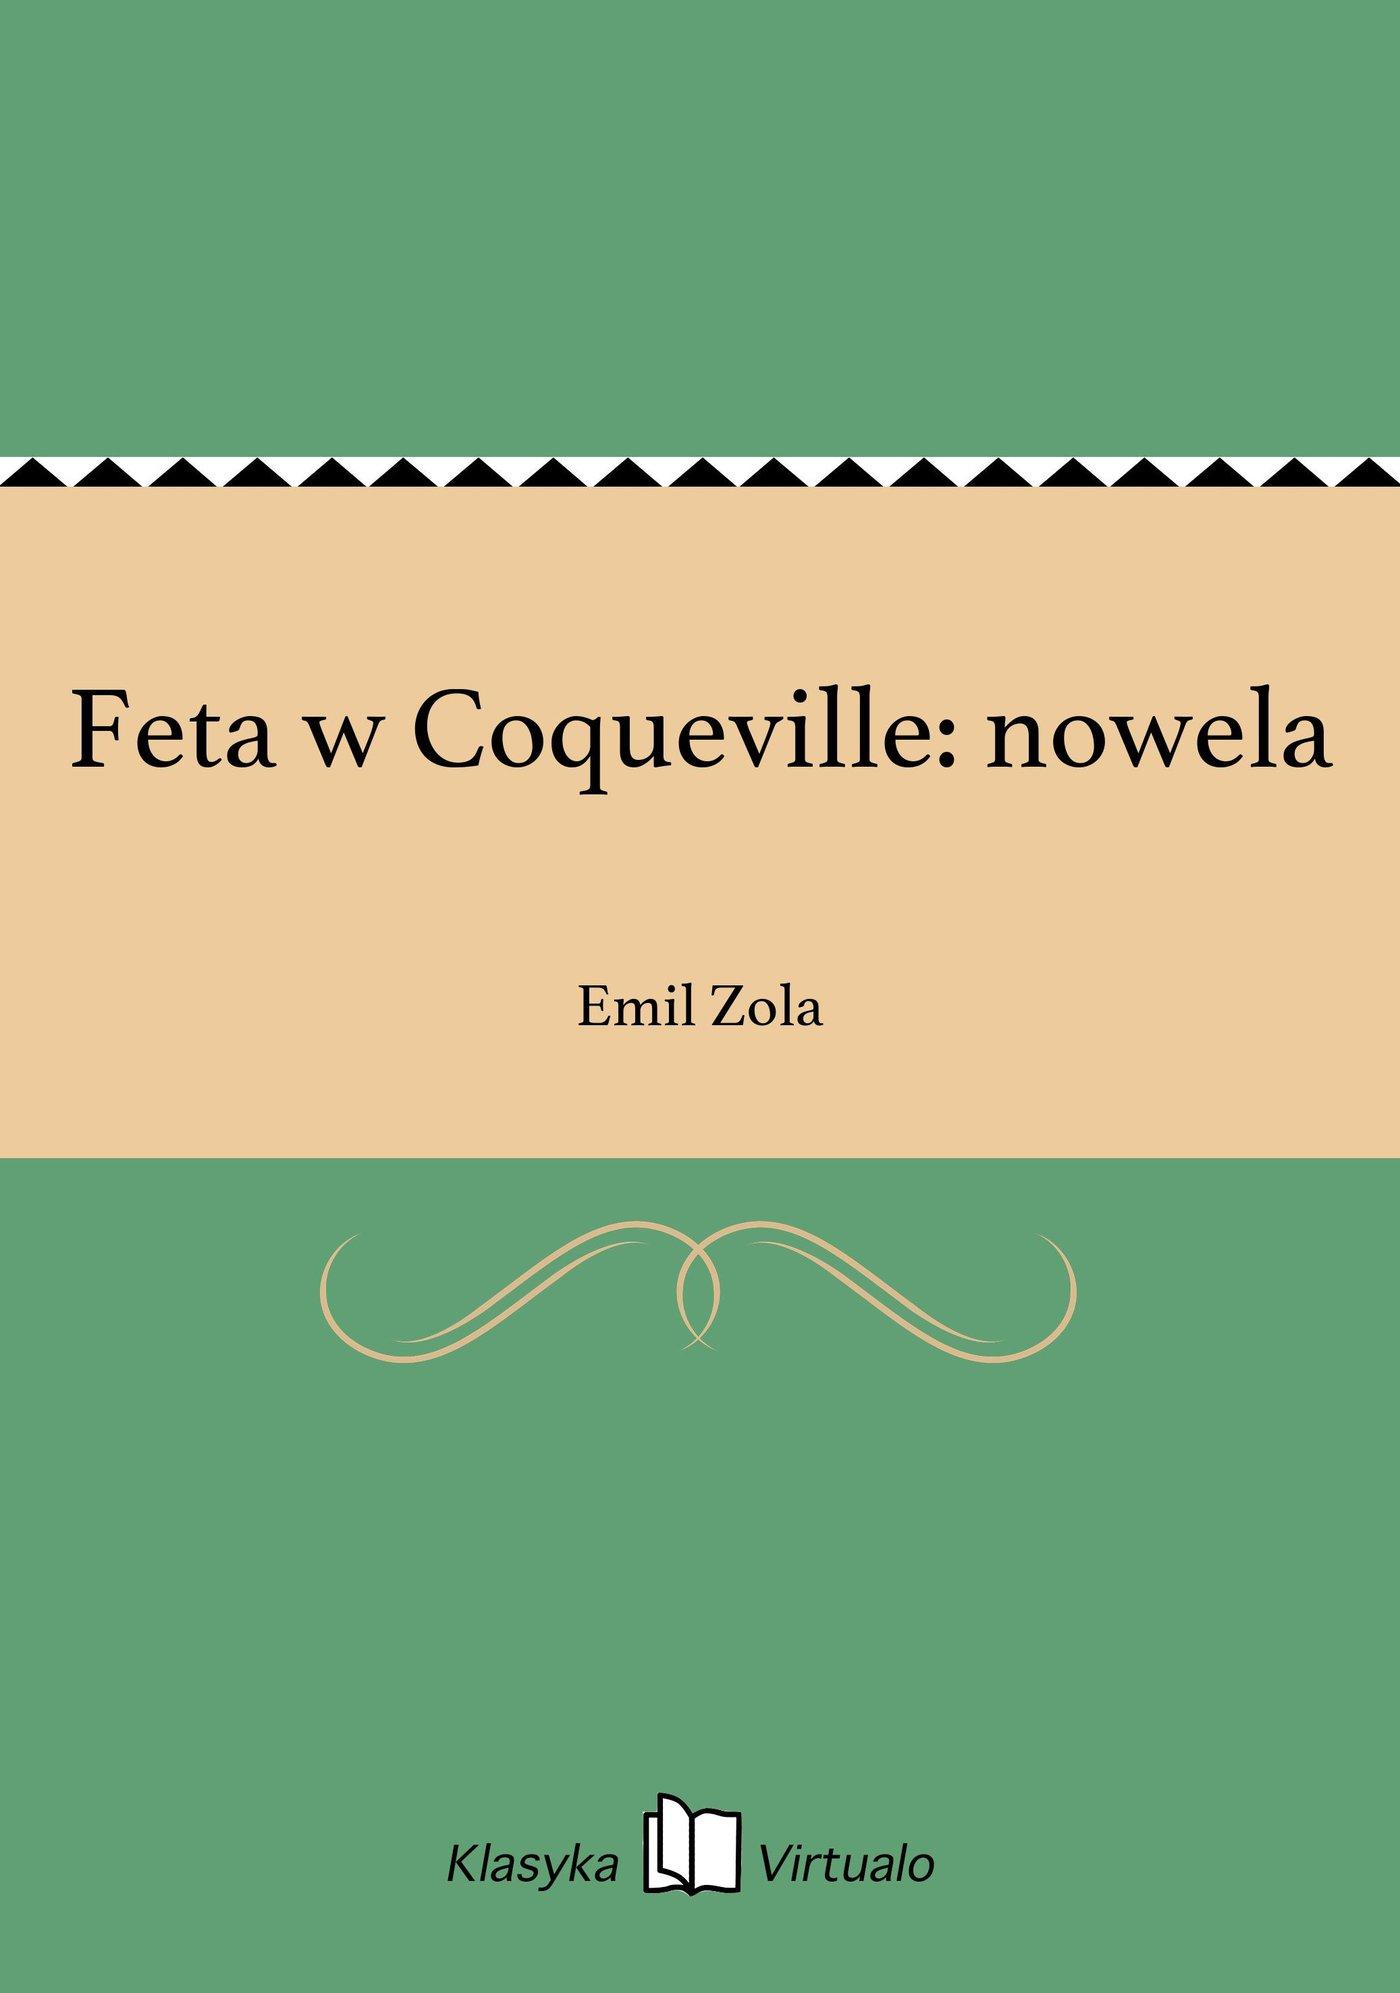 Feta w Coqueville: nowela - Ebook (Książka EPUB) do pobrania w formacie EPUB